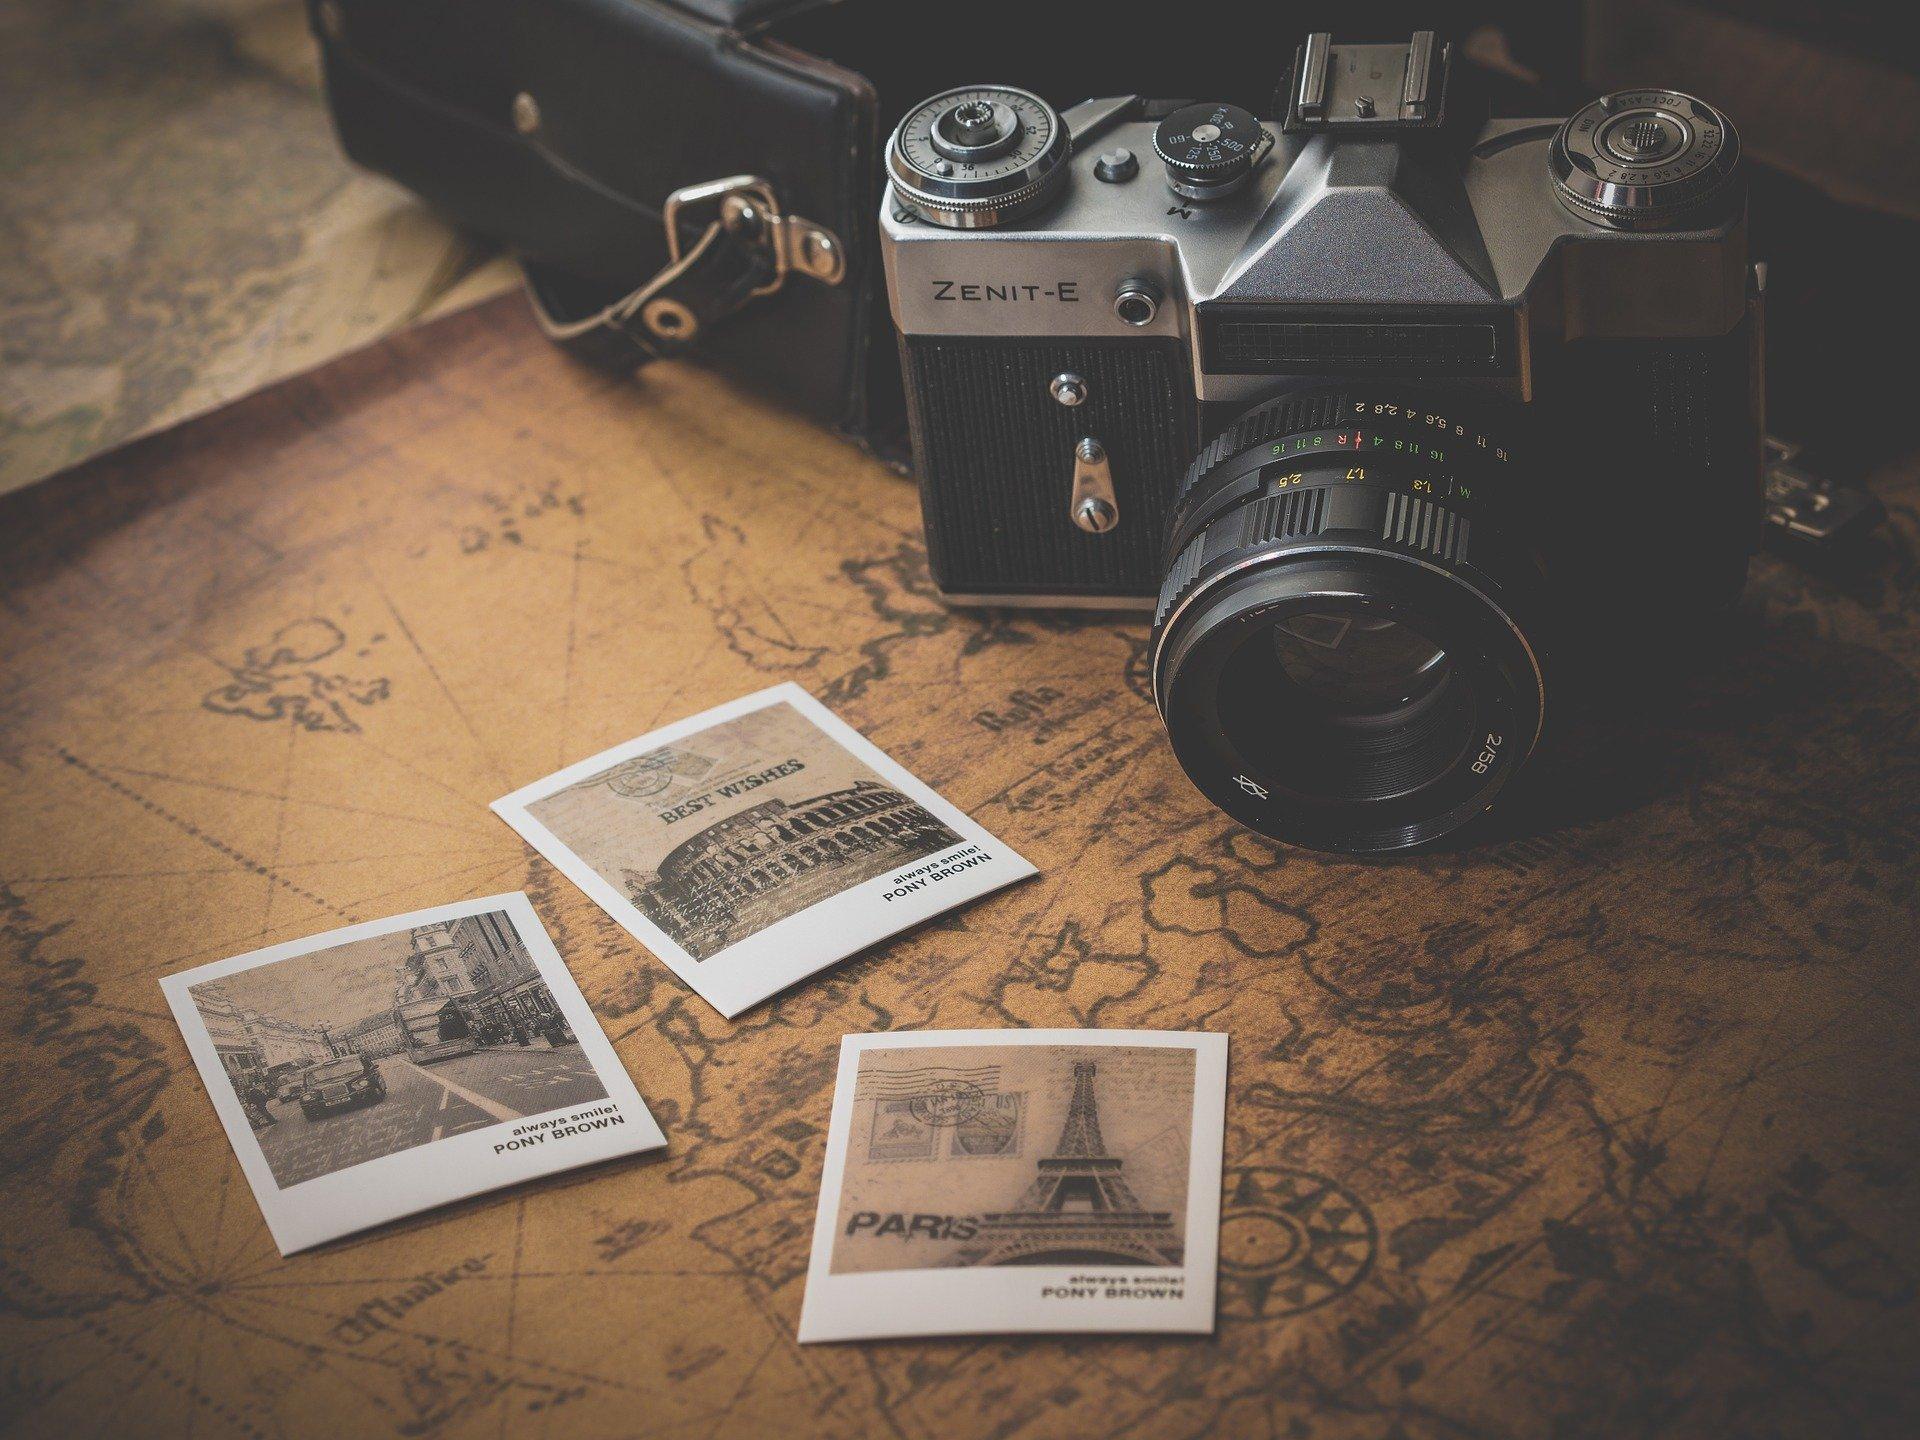 Kamera og fotos fra rejse